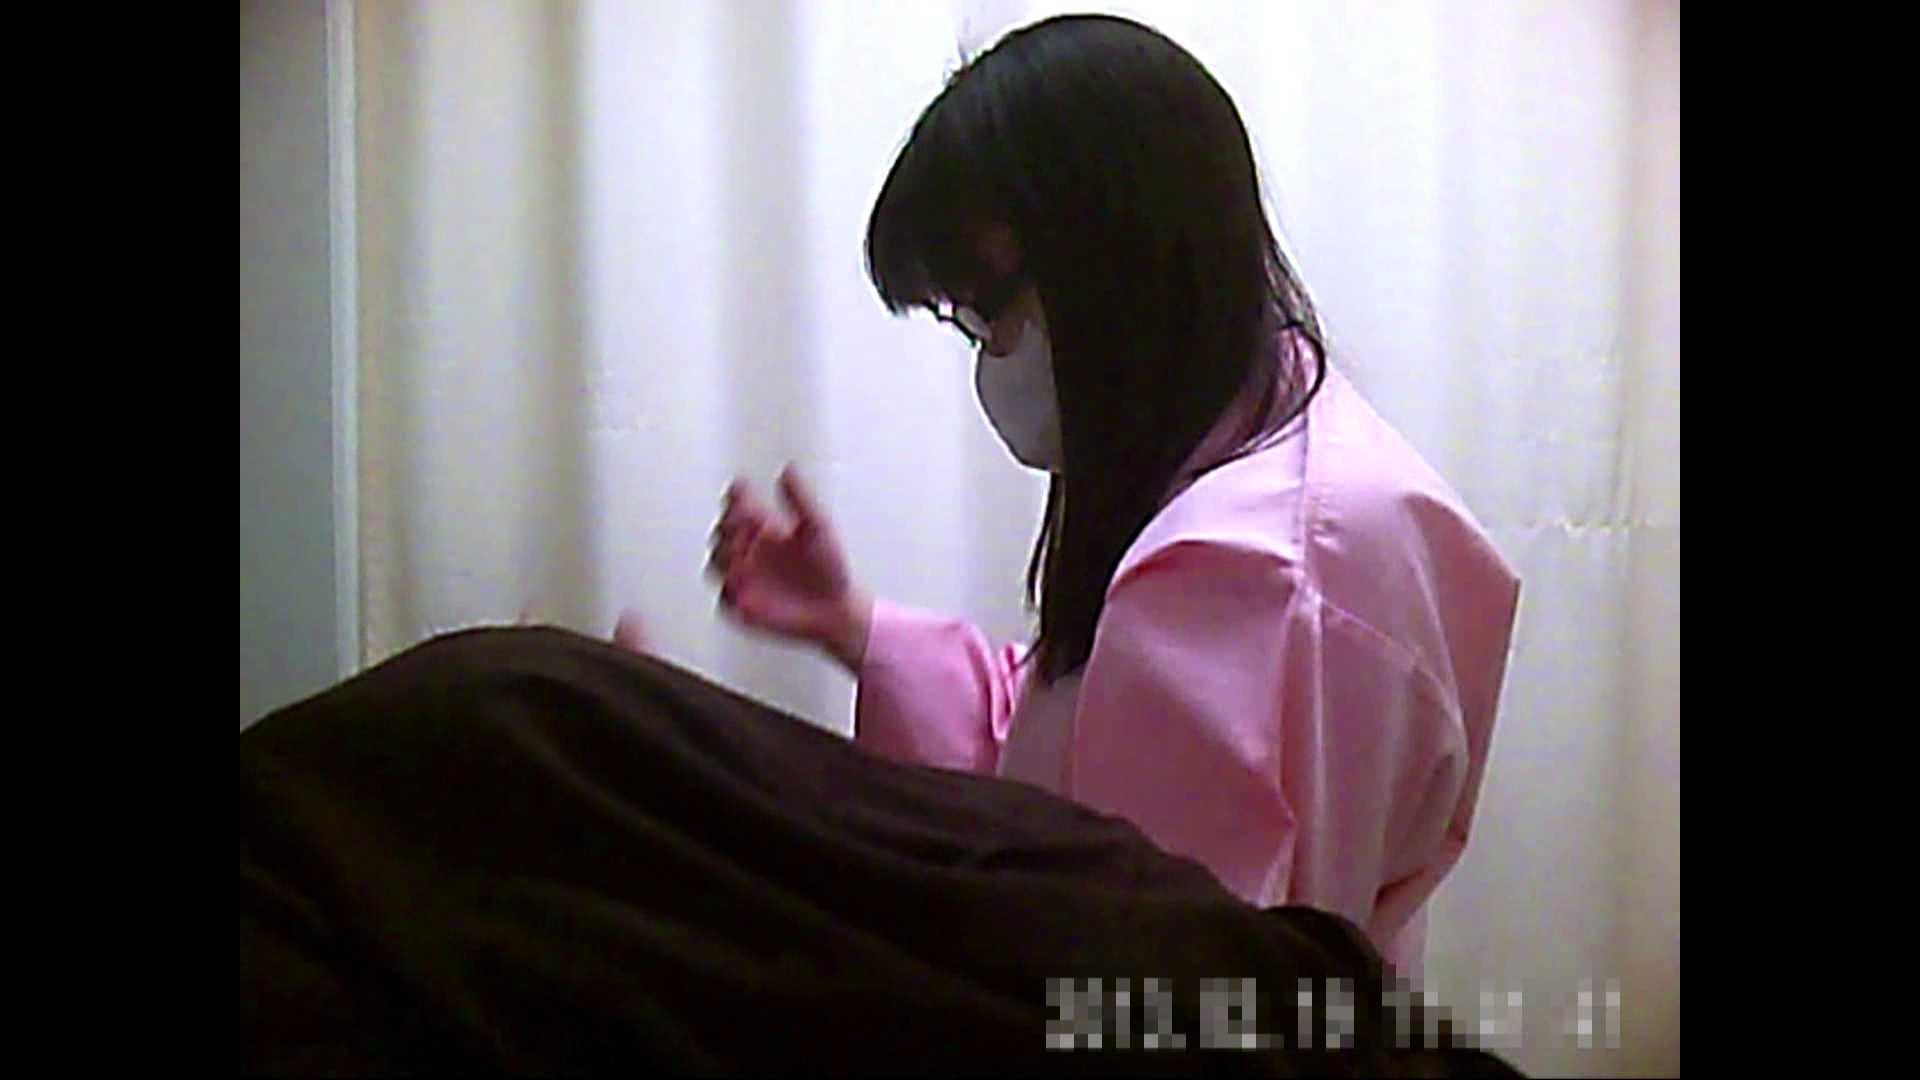 元医者による反抗 更衣室地獄絵巻 vol.141 OLハメ撮り  78Pix 14